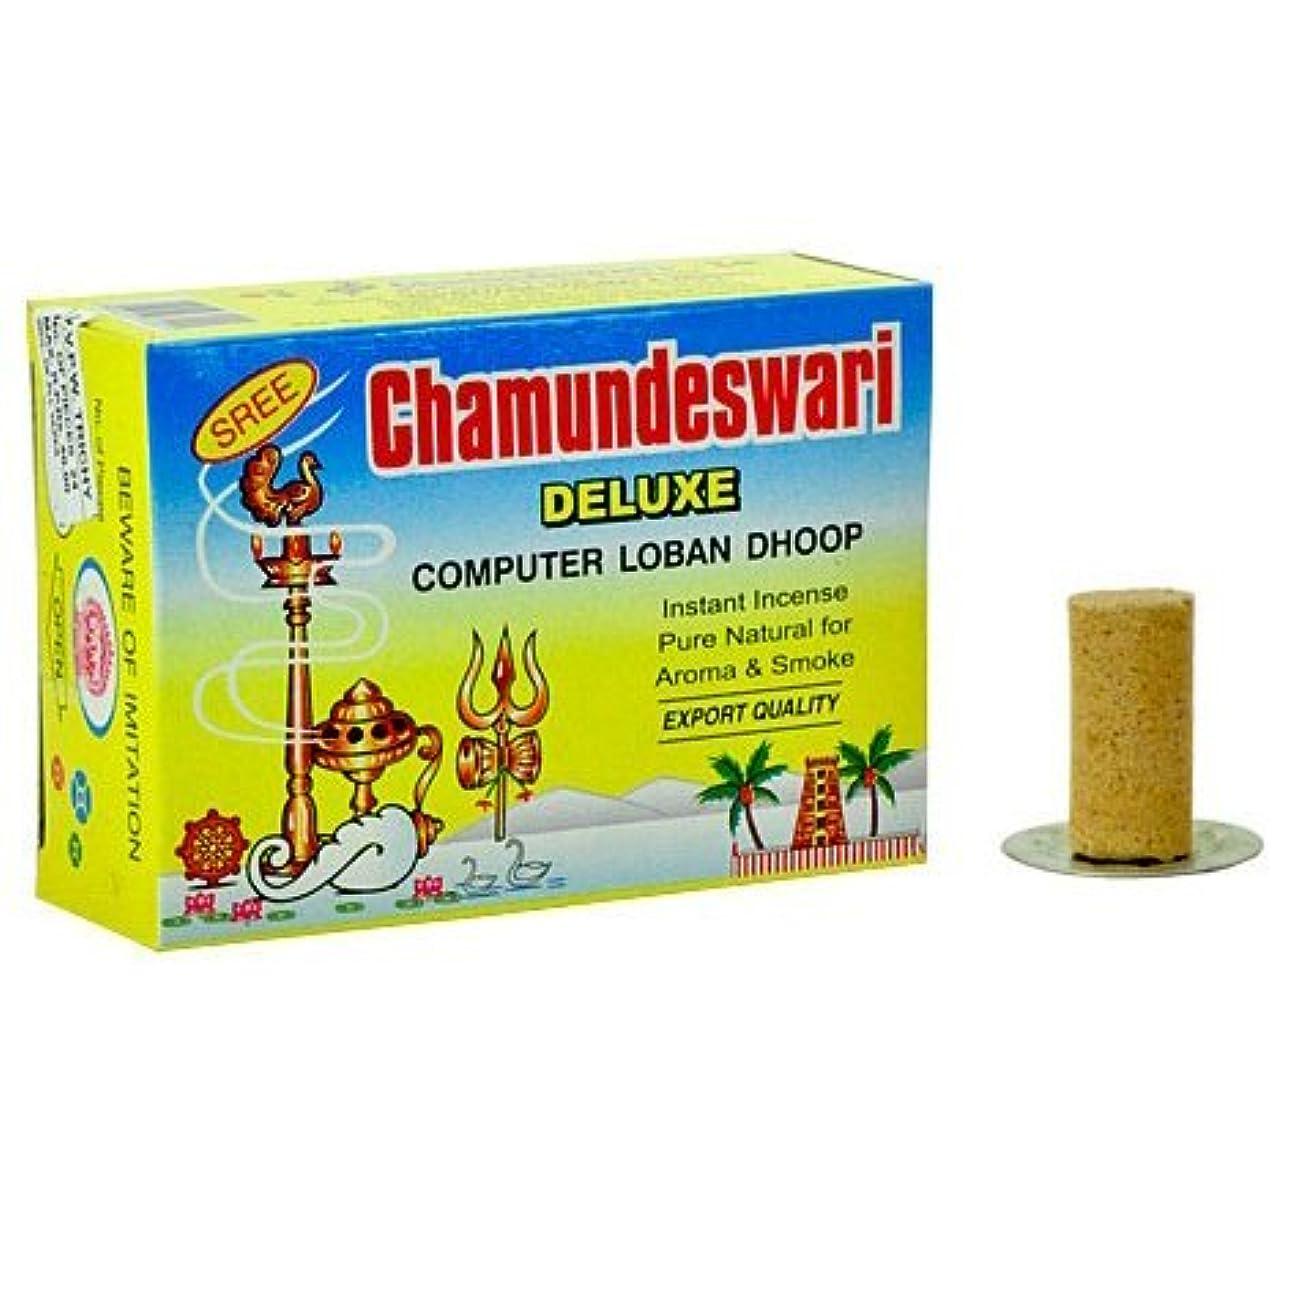 炎上暴露する耳Sree ChamundeswariデラックスコンピュータSambrani Loban Dhoop、1.5?